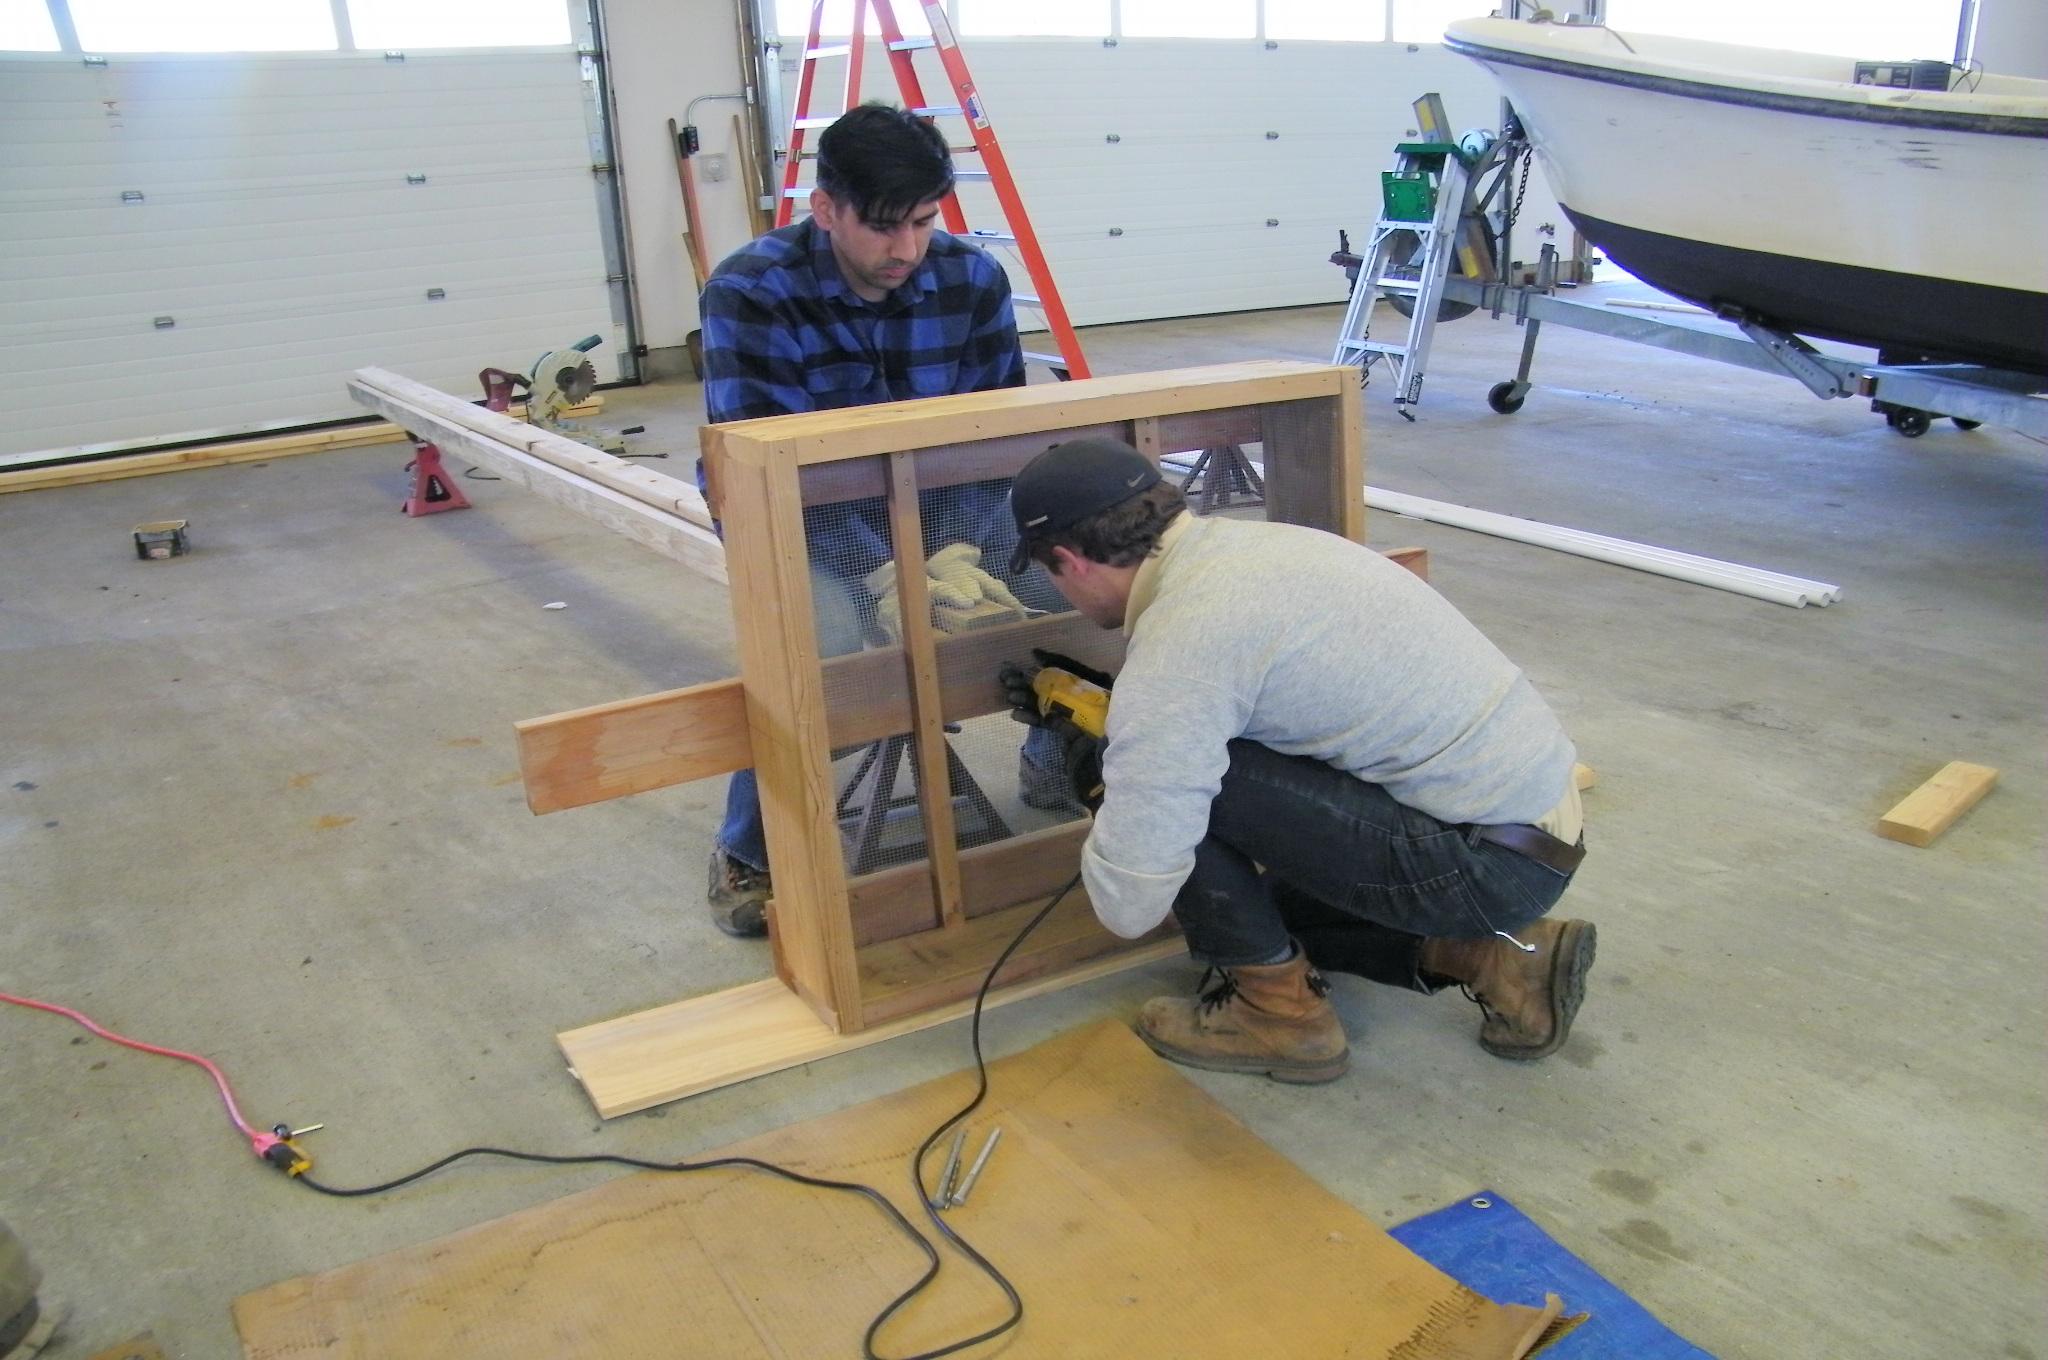 Osprey nest construction